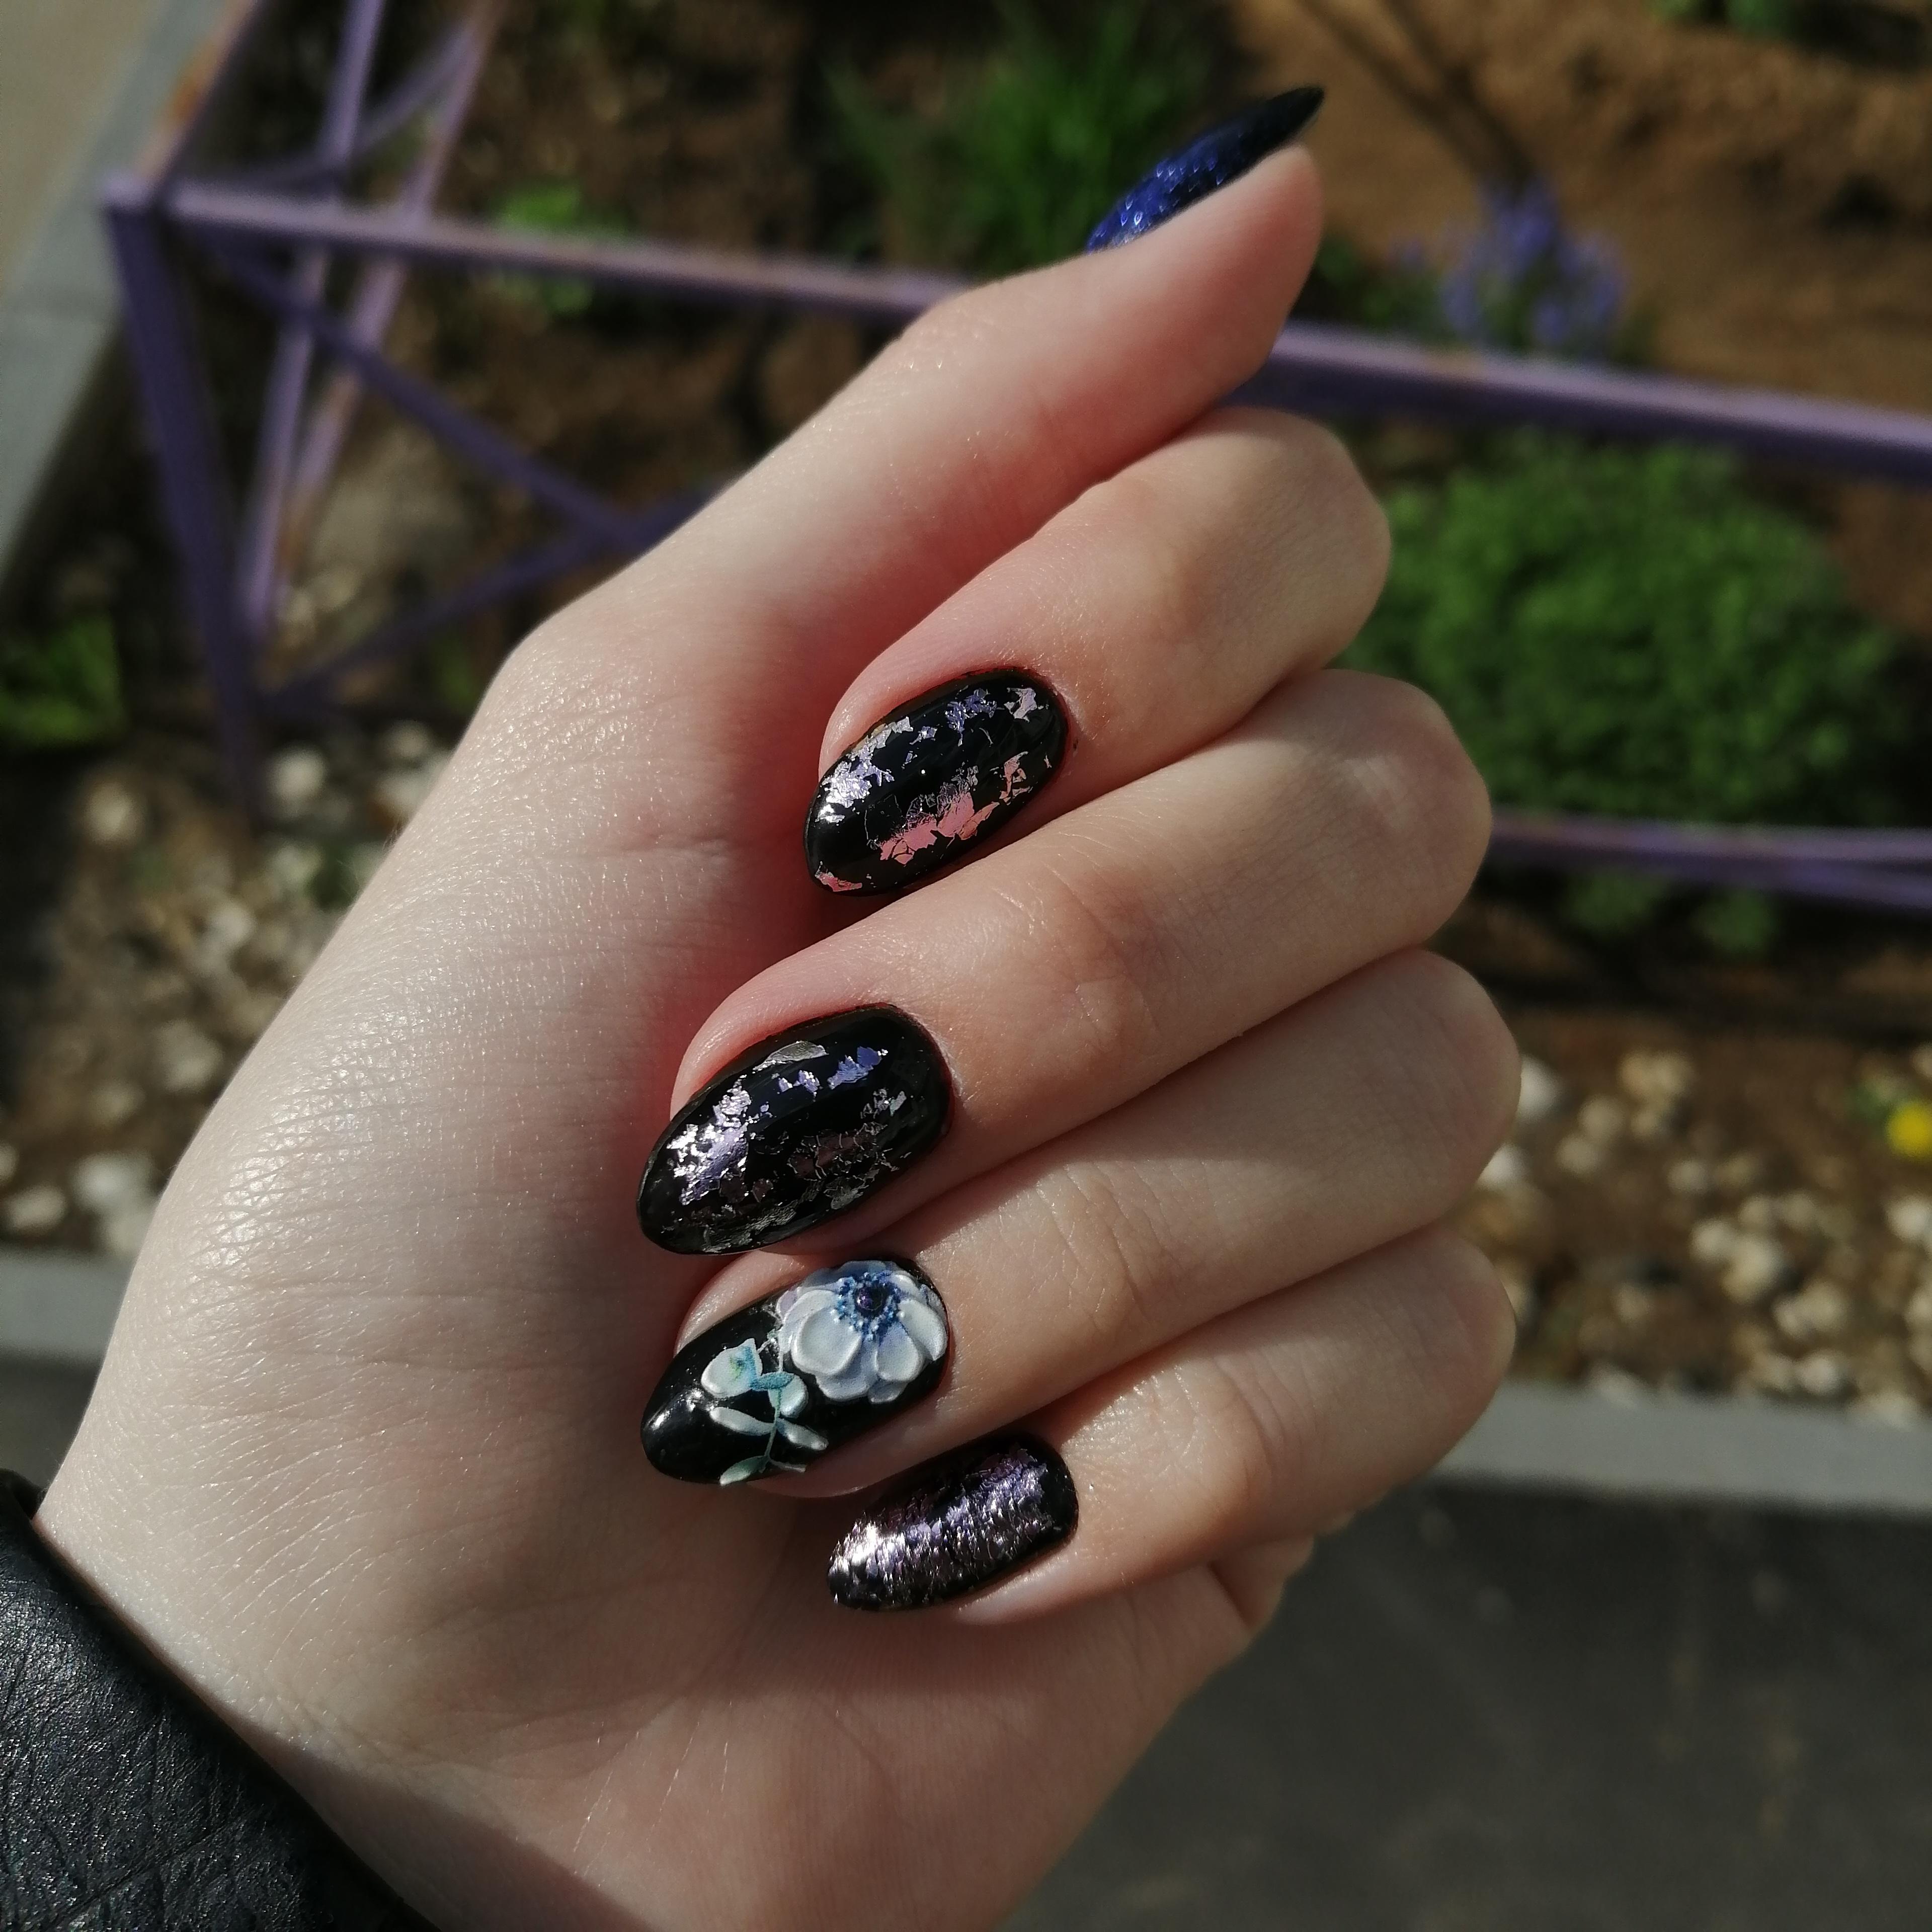 Маникюр с цветочной лепкой и серебряной фольгой в черном цвете на короткие ногти.